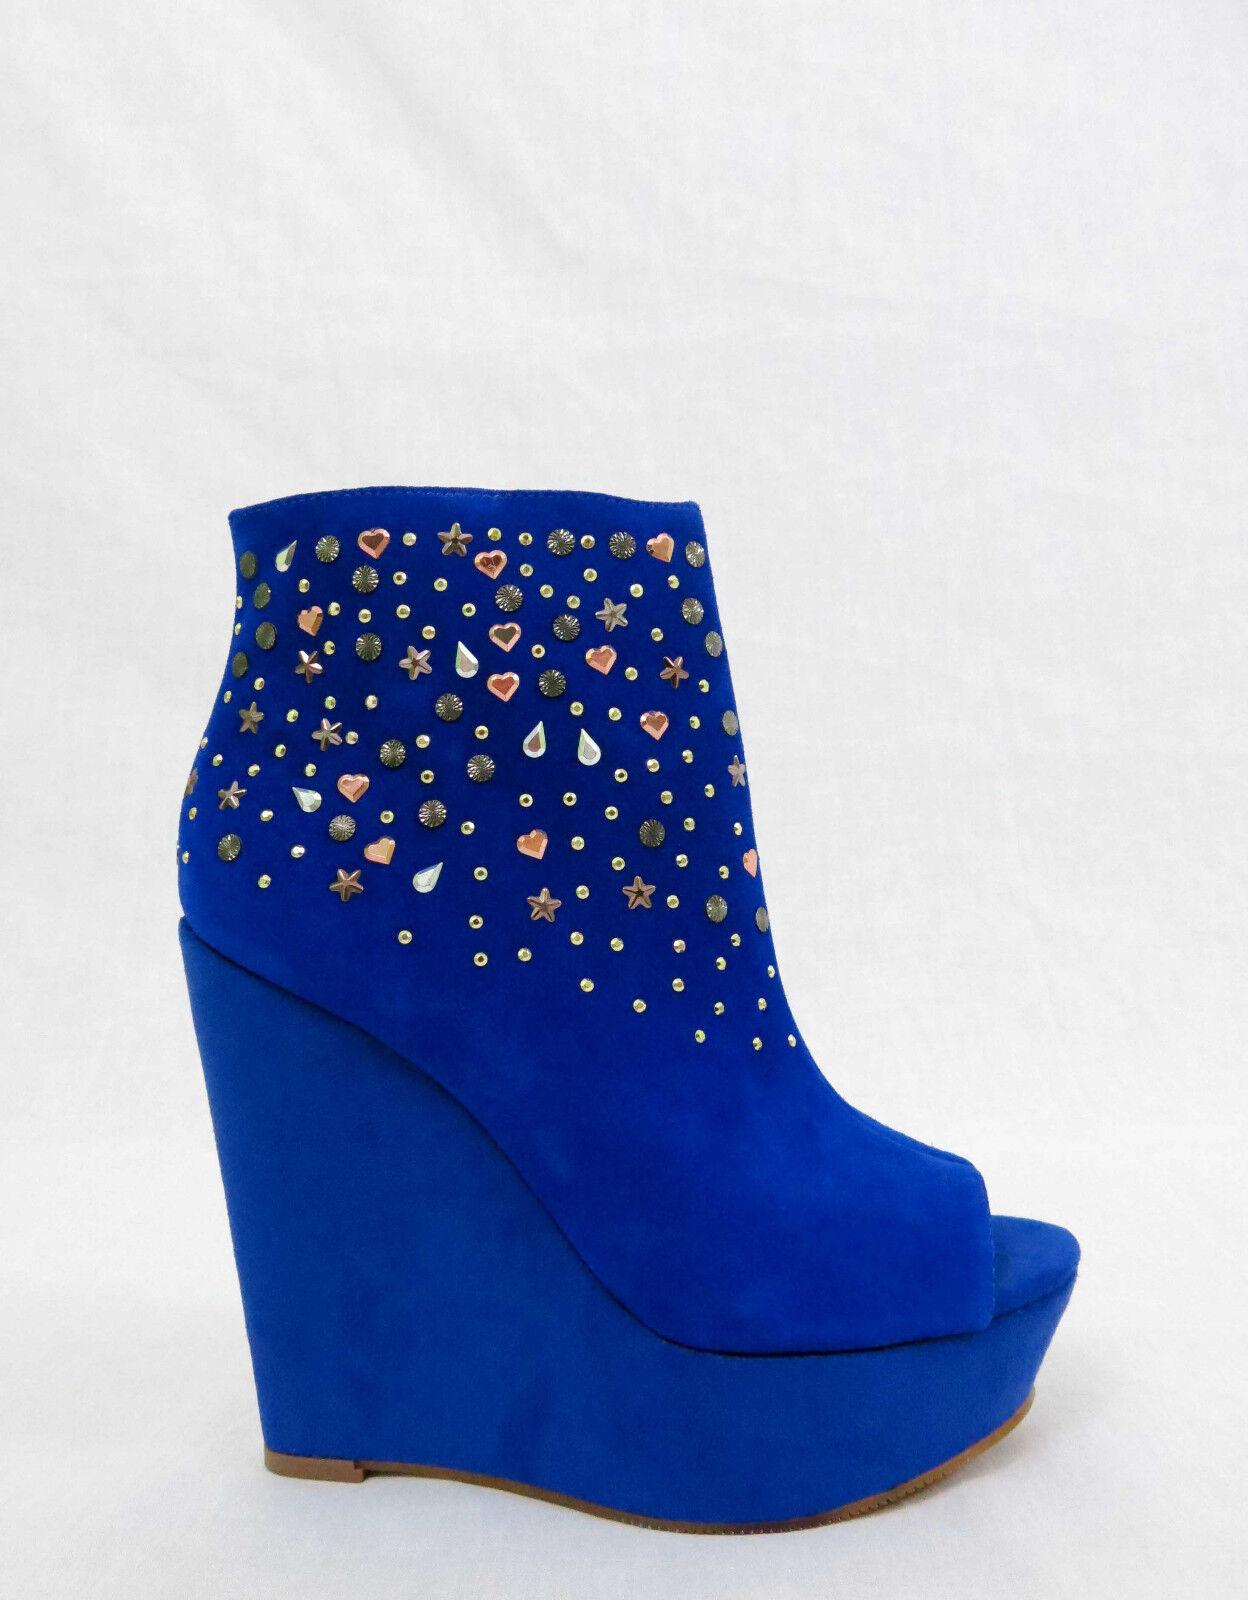 RACHEL ROY Suanna Platform Wedge Ankle Booties Peep Toe Studs Suede bluee 6